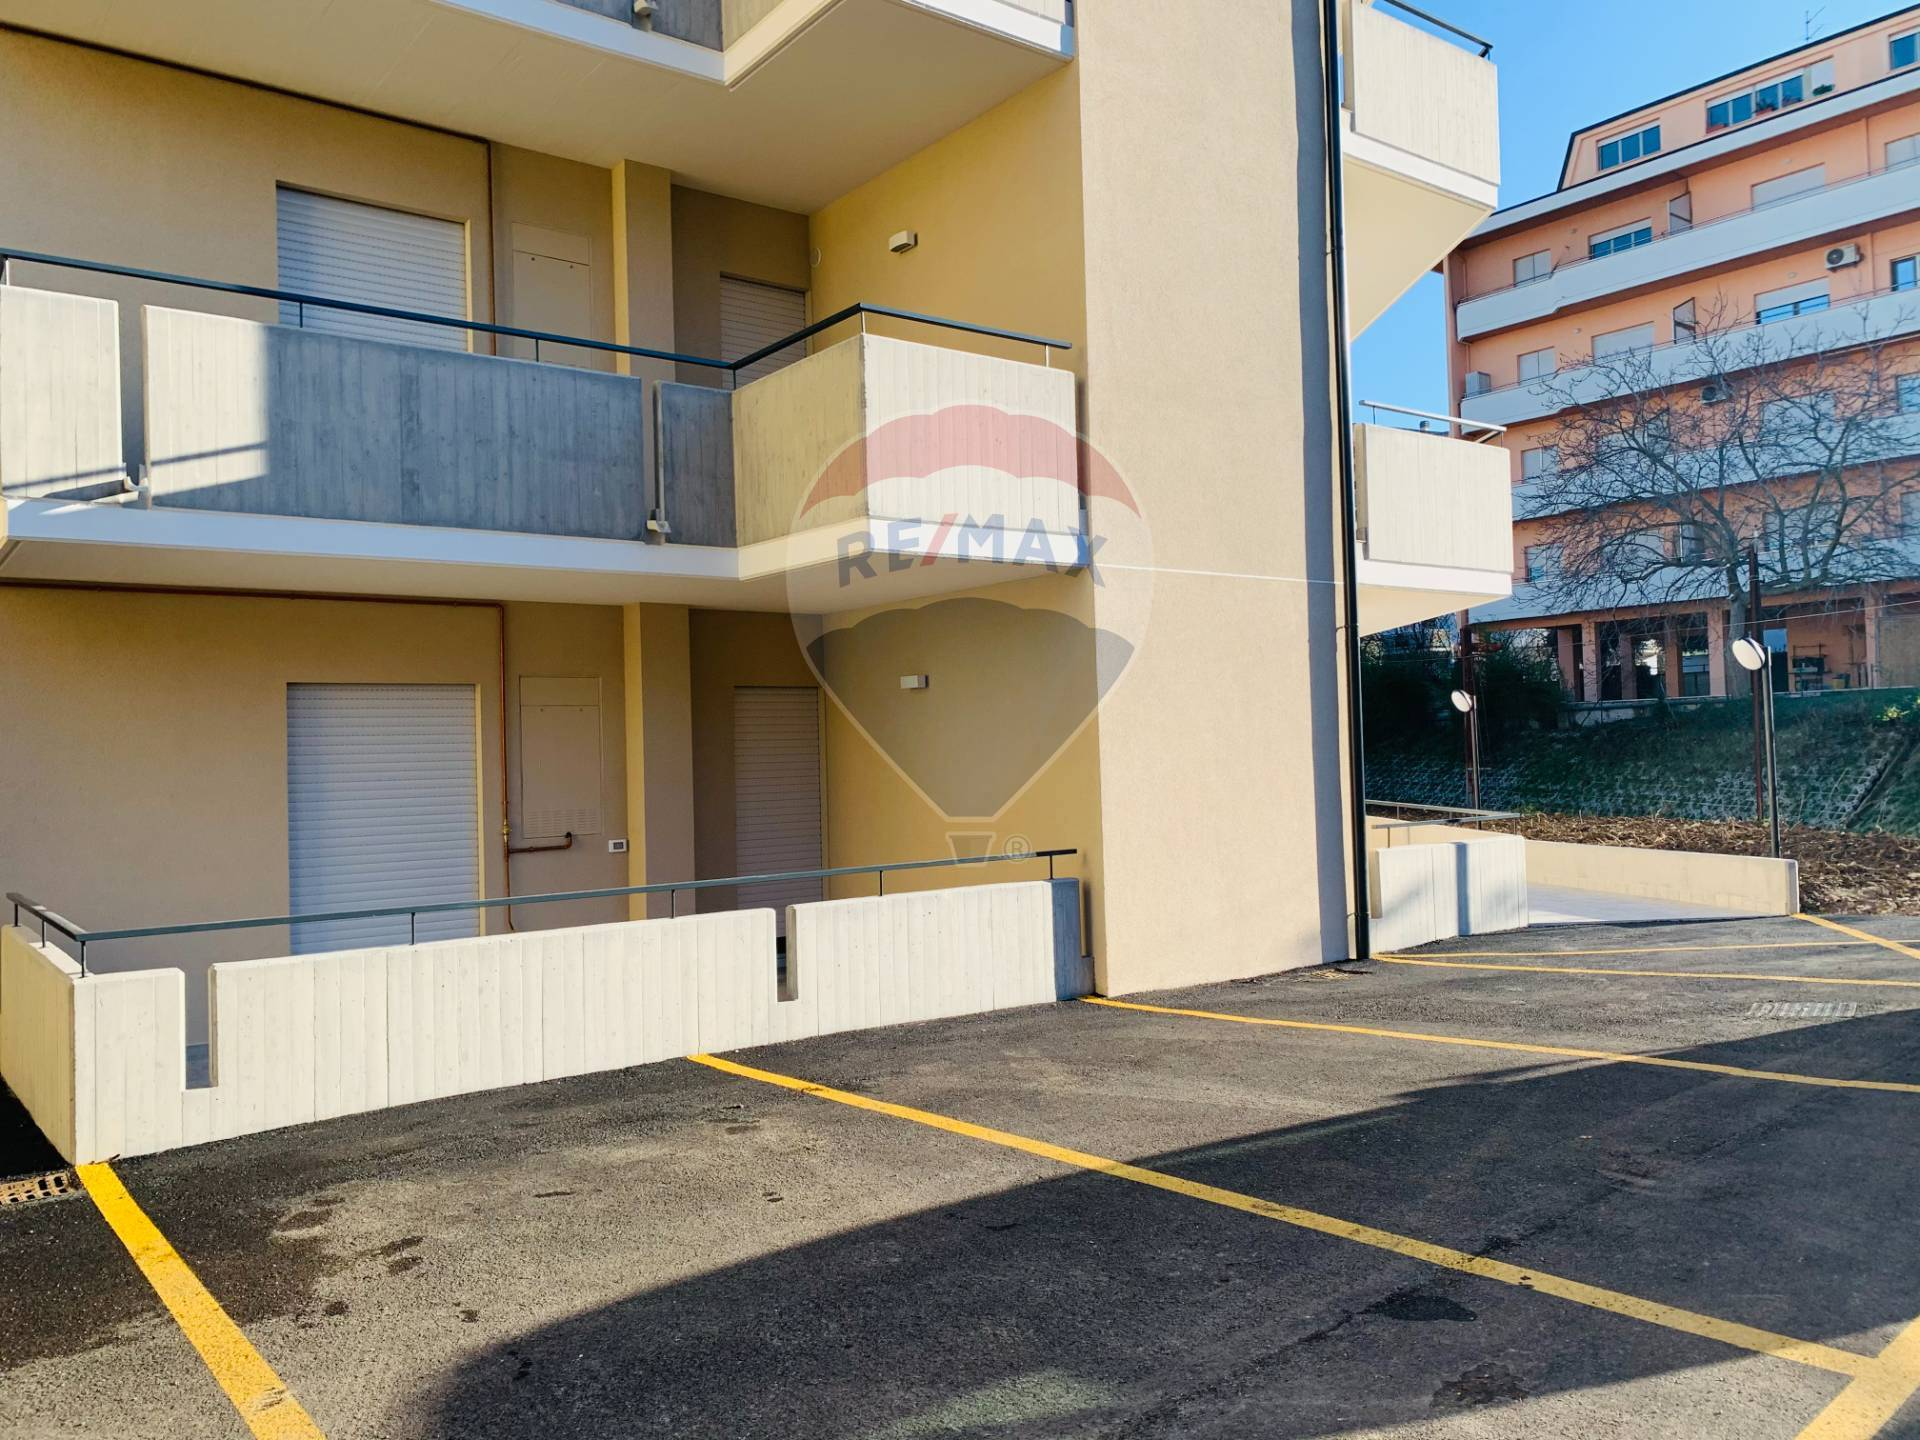 Appartamento in affitto a Lanciano, 2 locali, prezzo € 400 | CambioCasa.it